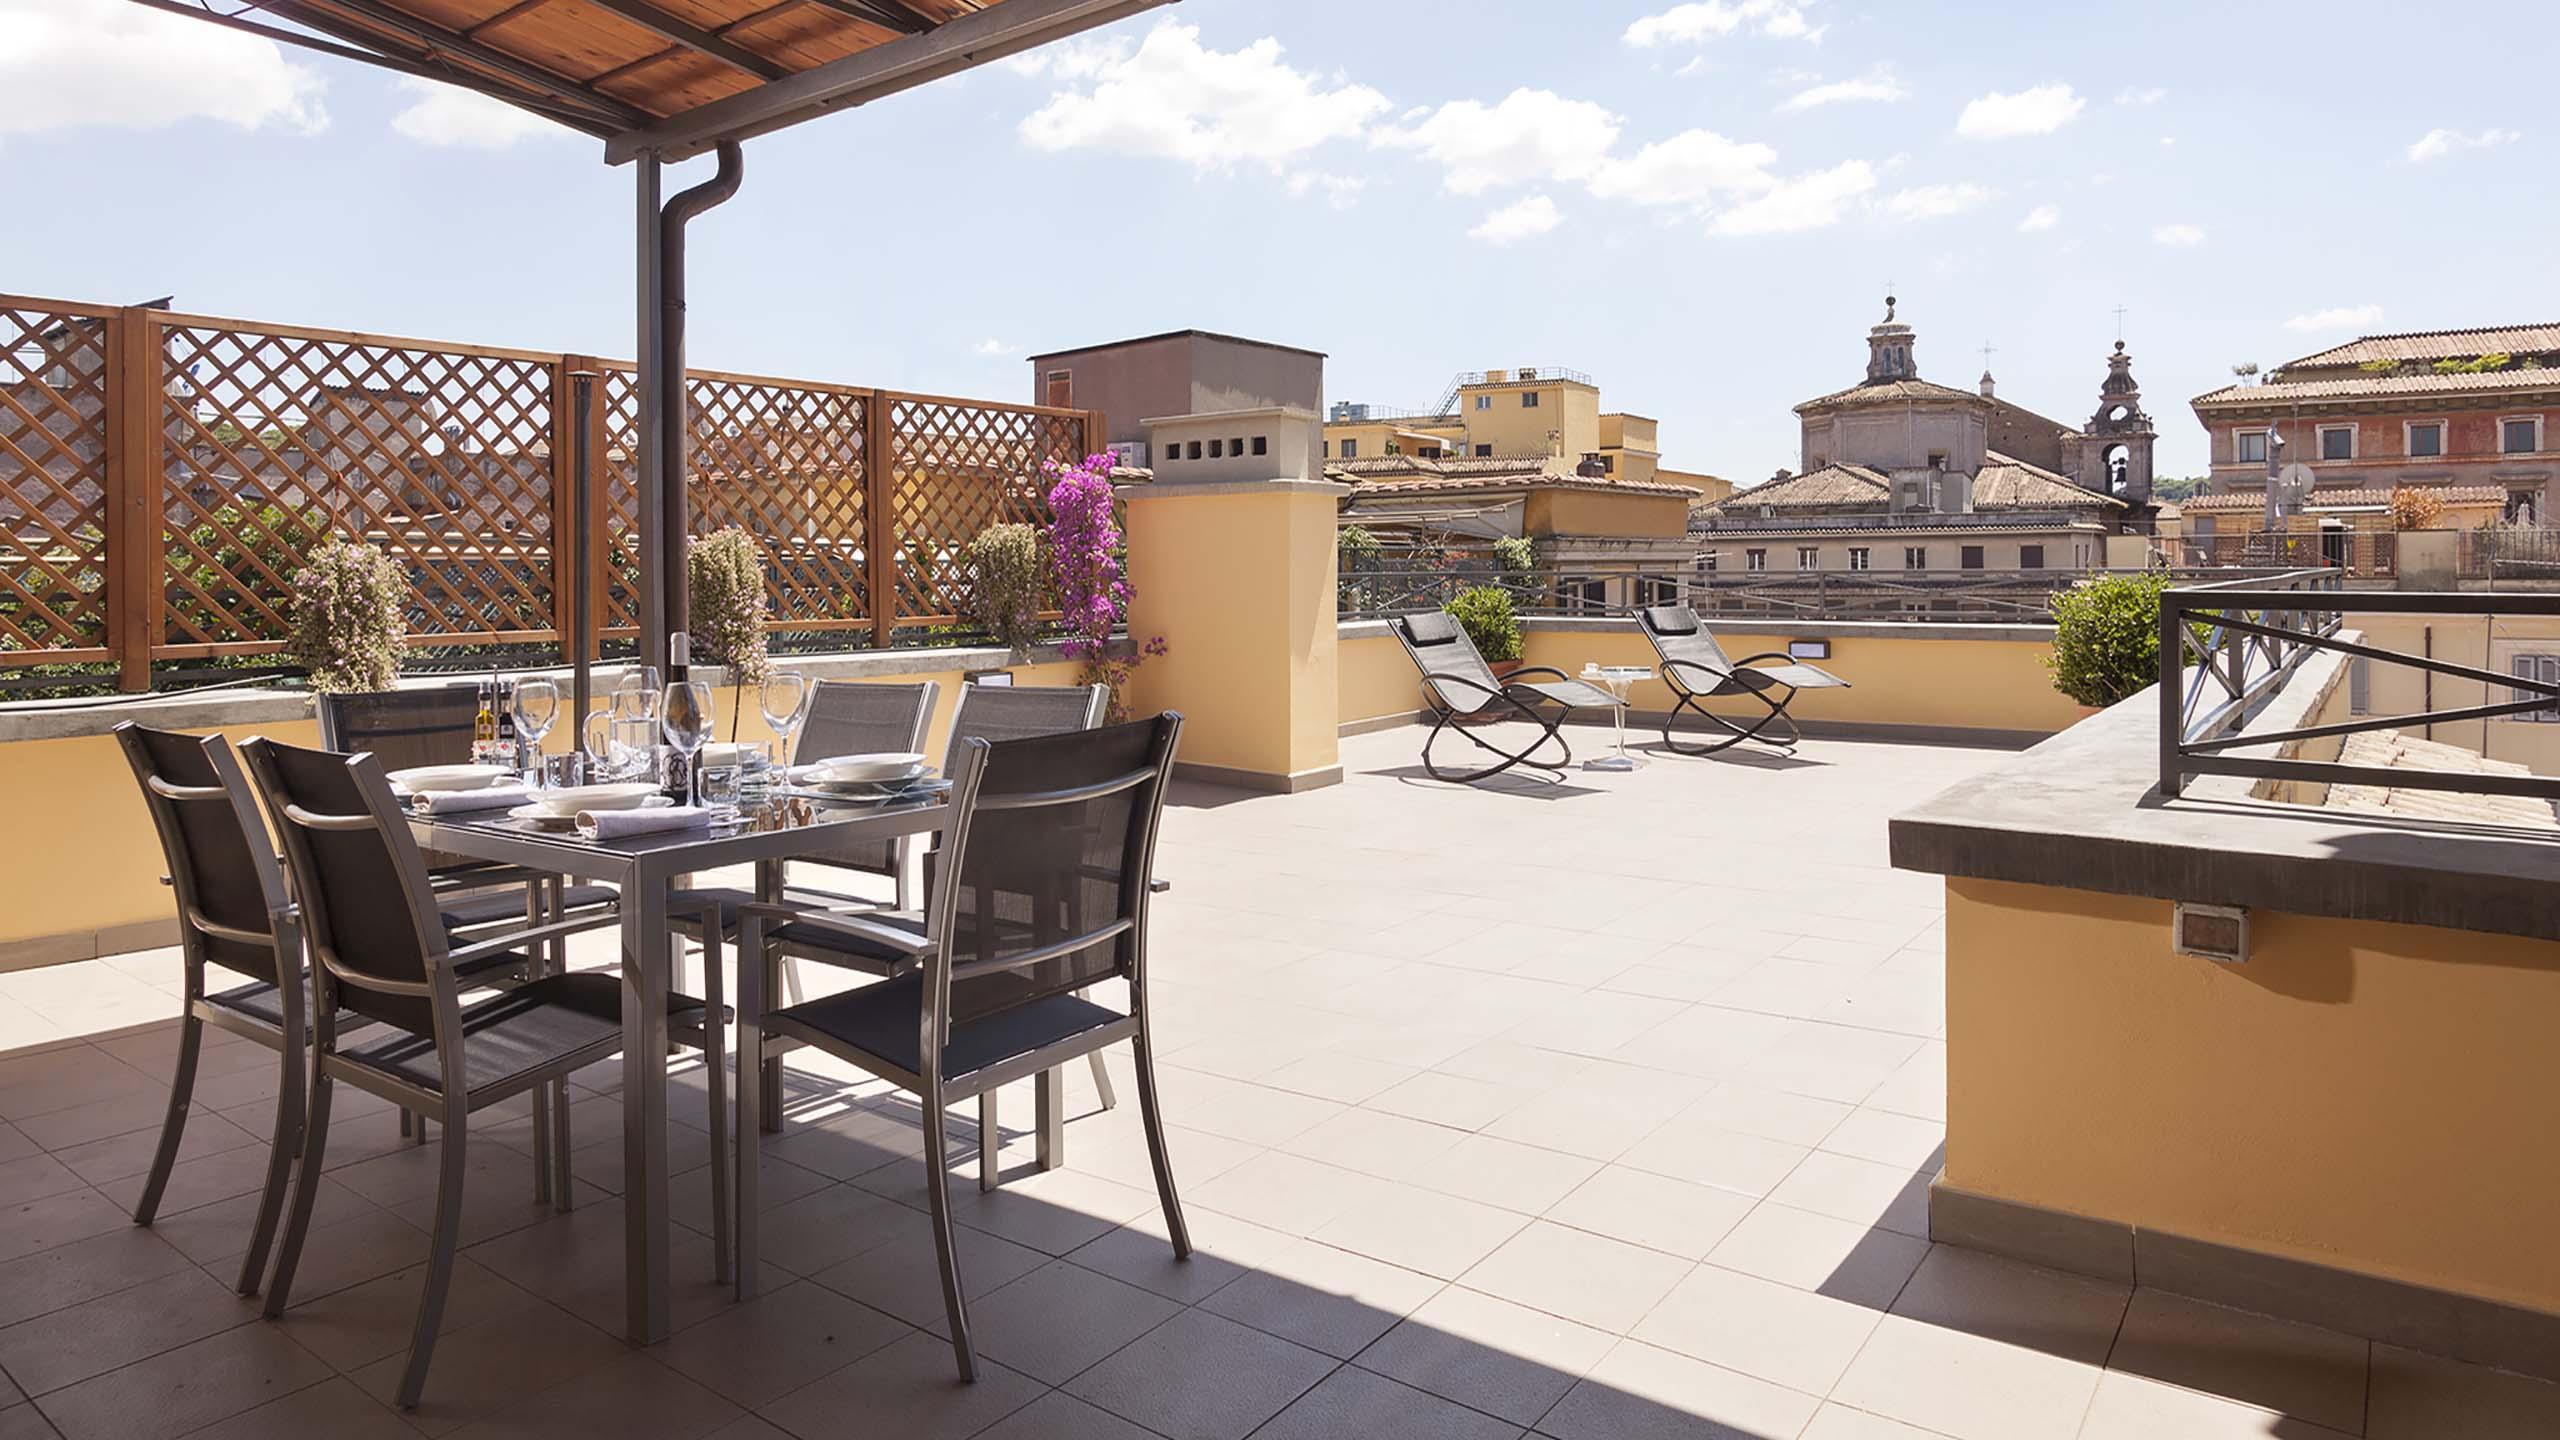 Residence-Trianon-Borgo-Roma-Pio-appartamento-superior-con-terrazza-2020-terrazza